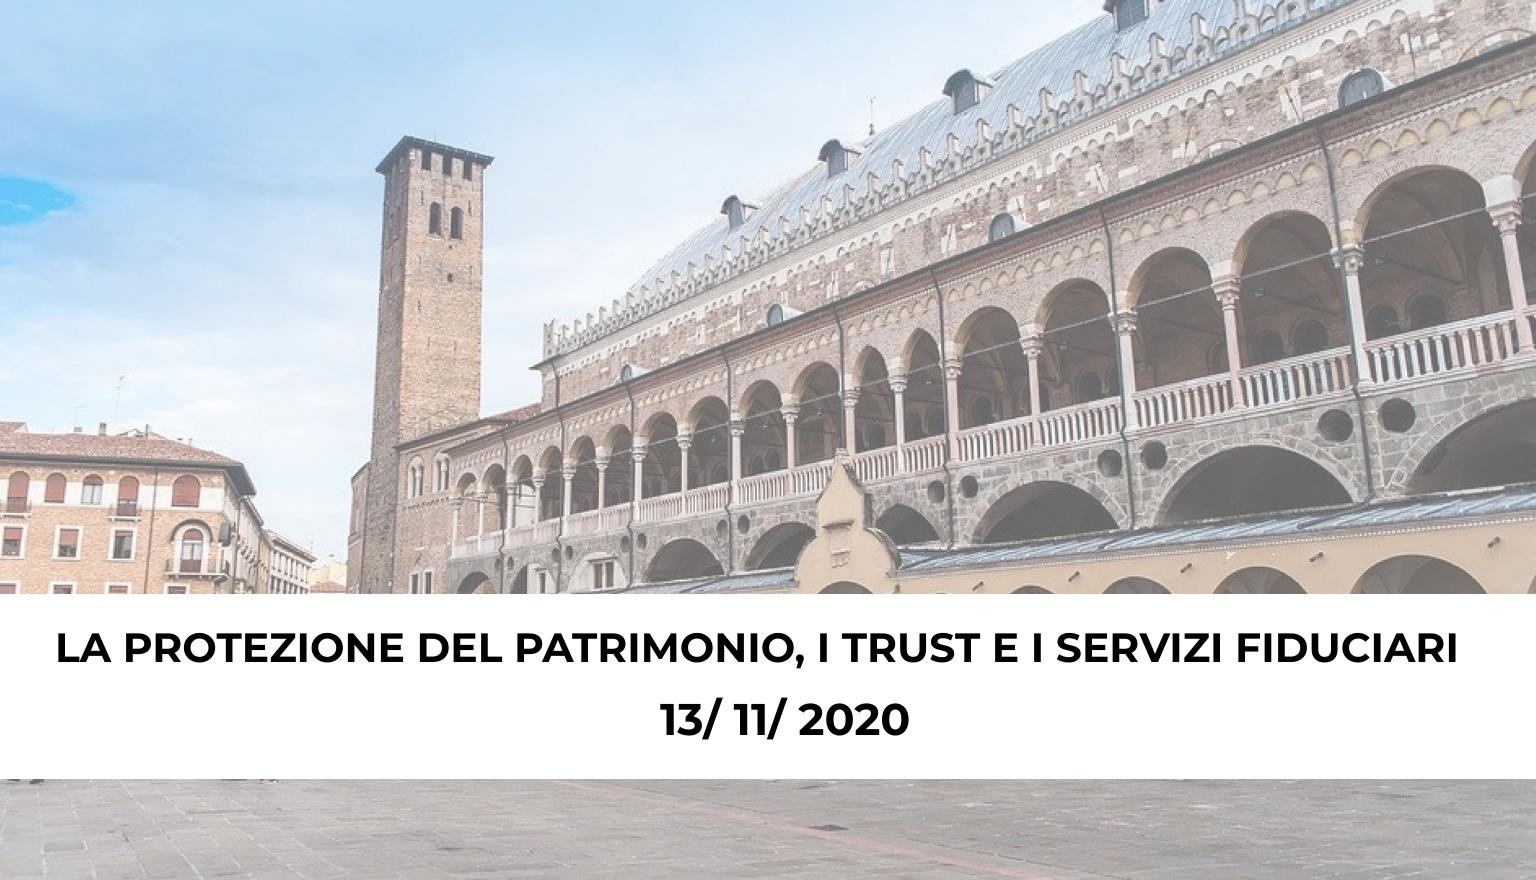 convegno-padova-2020-la-protezione-del-patrimonio-il-trust-e-i-servizi-fiduciari